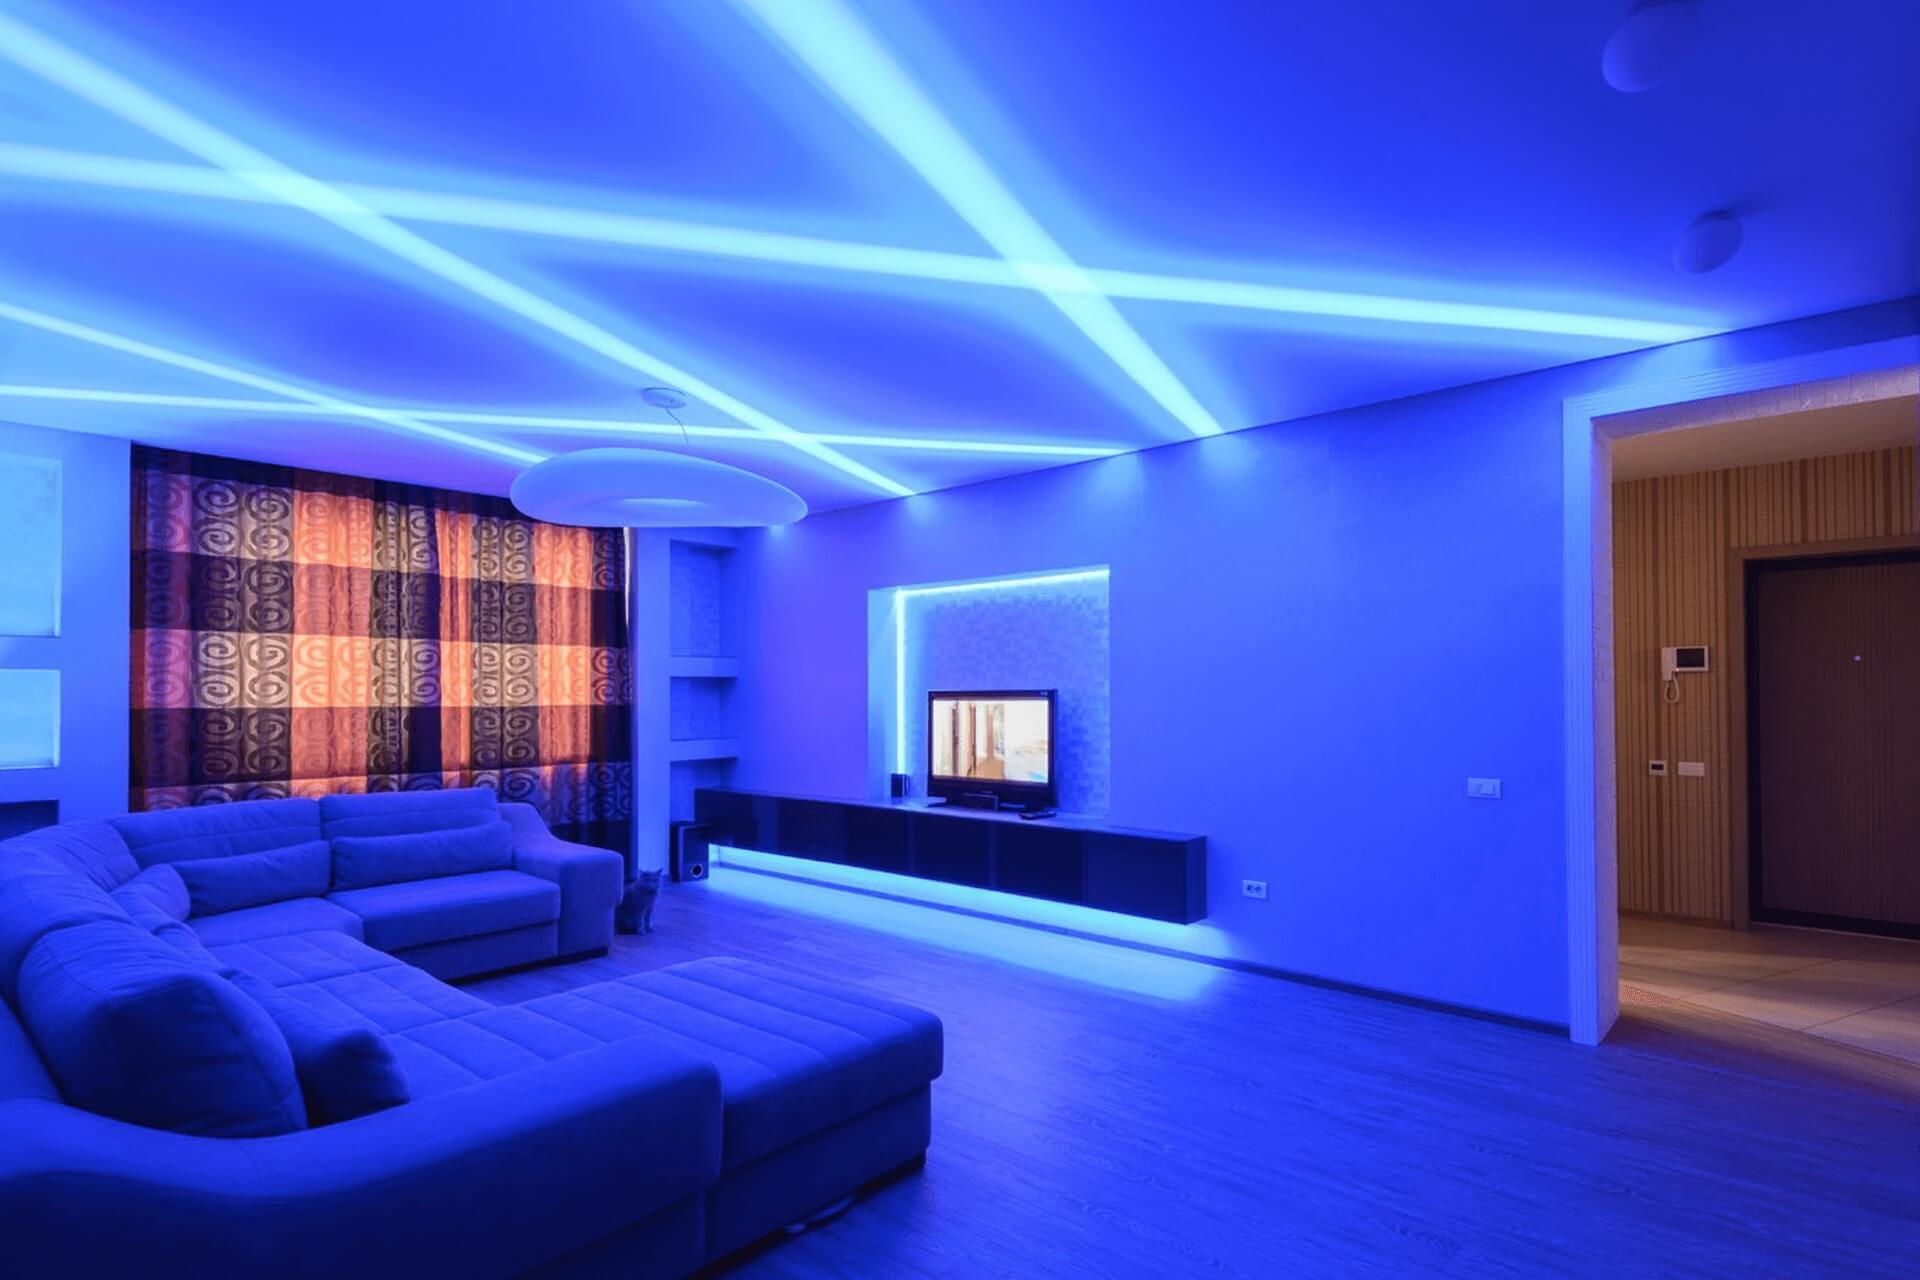 Световые линии в квартире - перескрещивающиеся